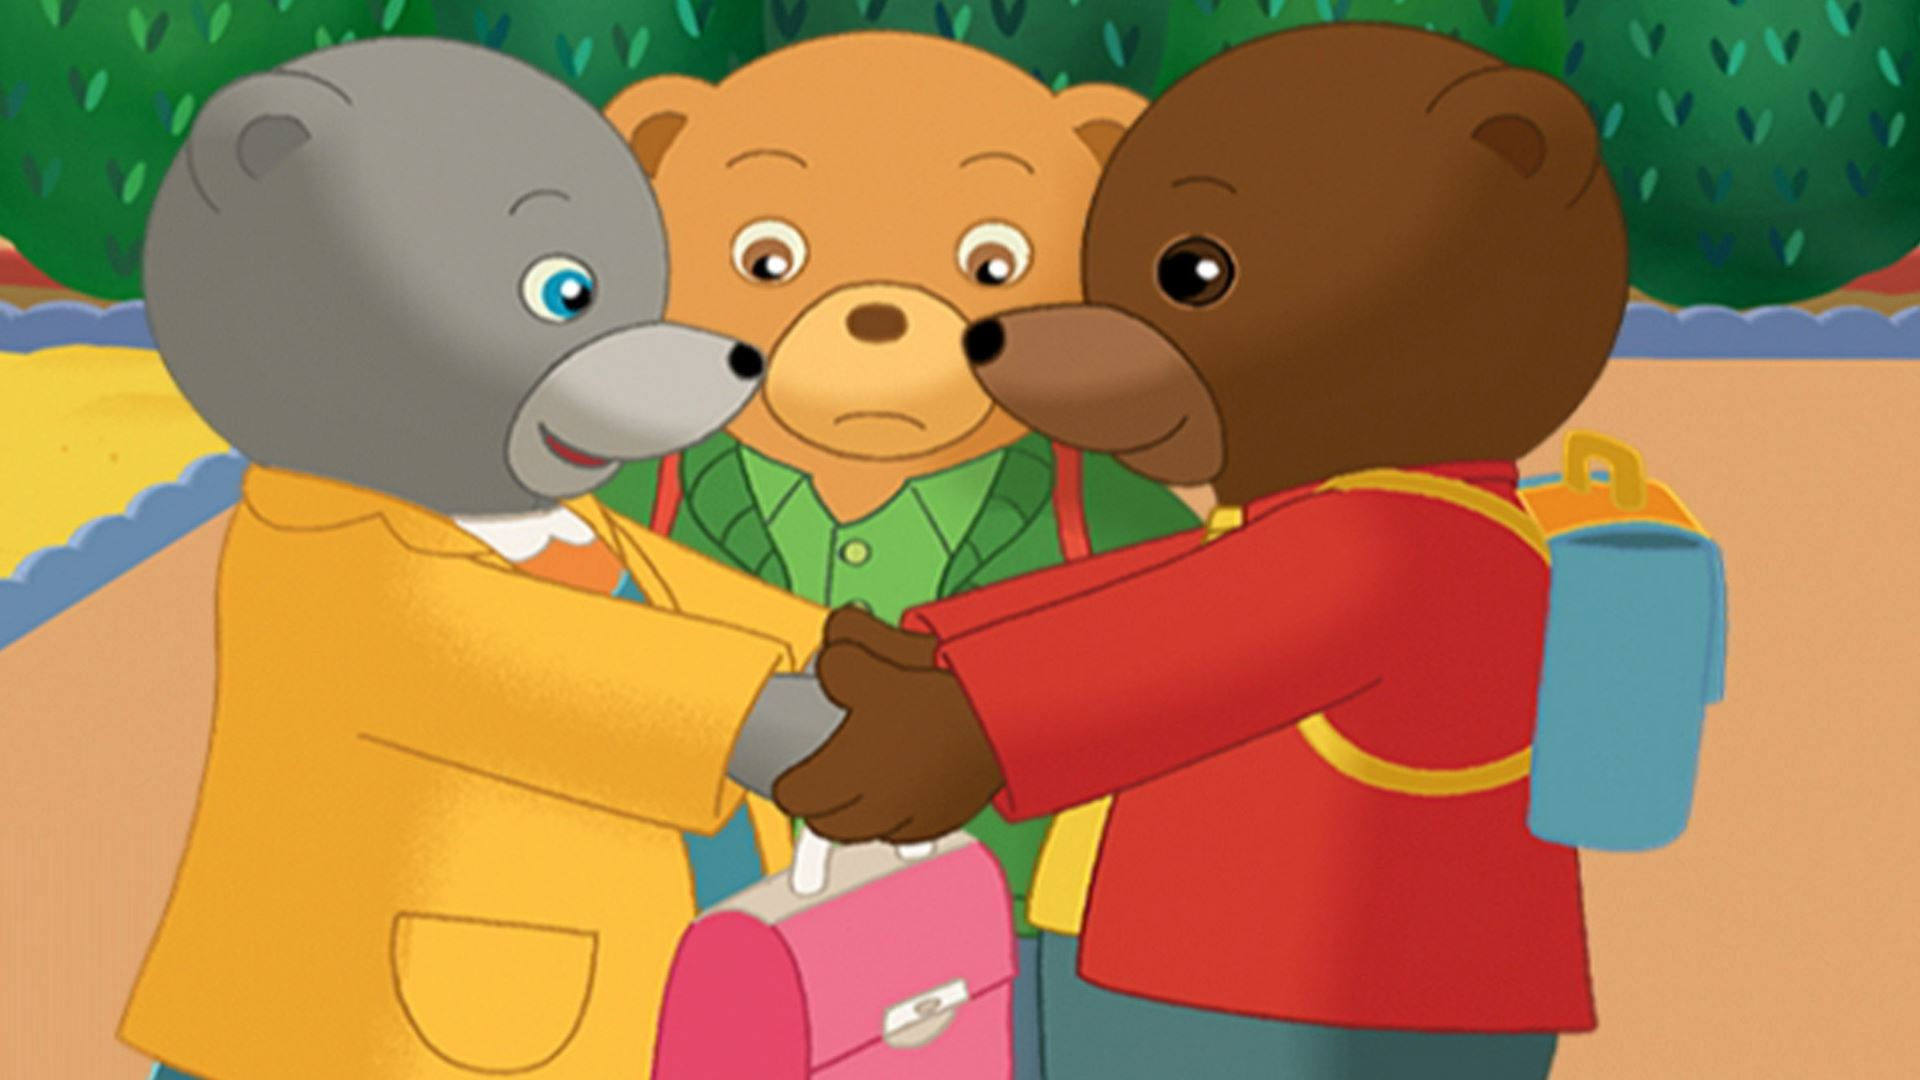 Les aventures de petit ours brun t l qu bec - Petit ours brun et sa maman ...